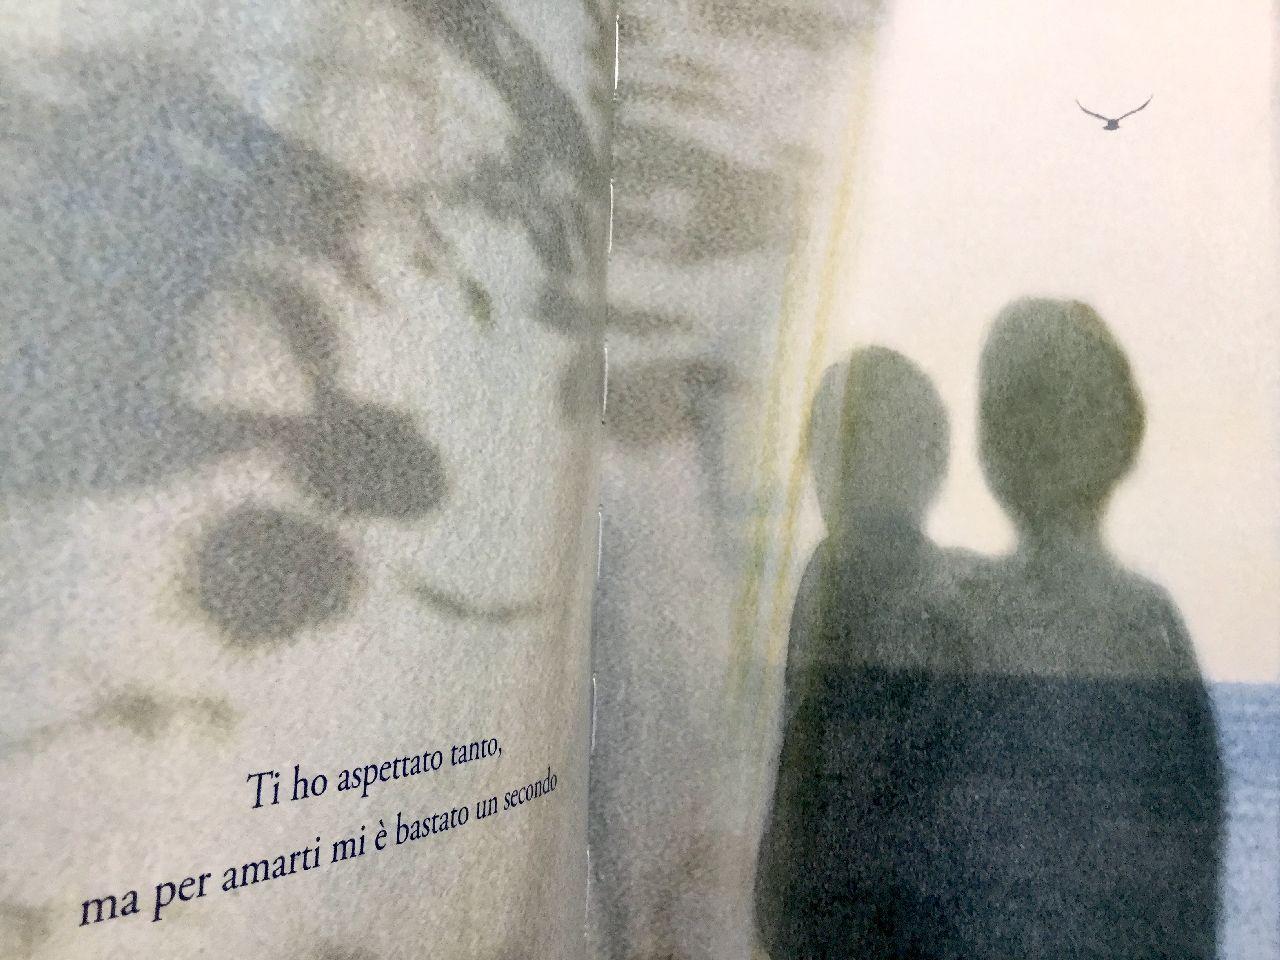 Lorenzo Tozzi - Sonia Maria Luce Possentini, Dove nasce l'amore, Curci